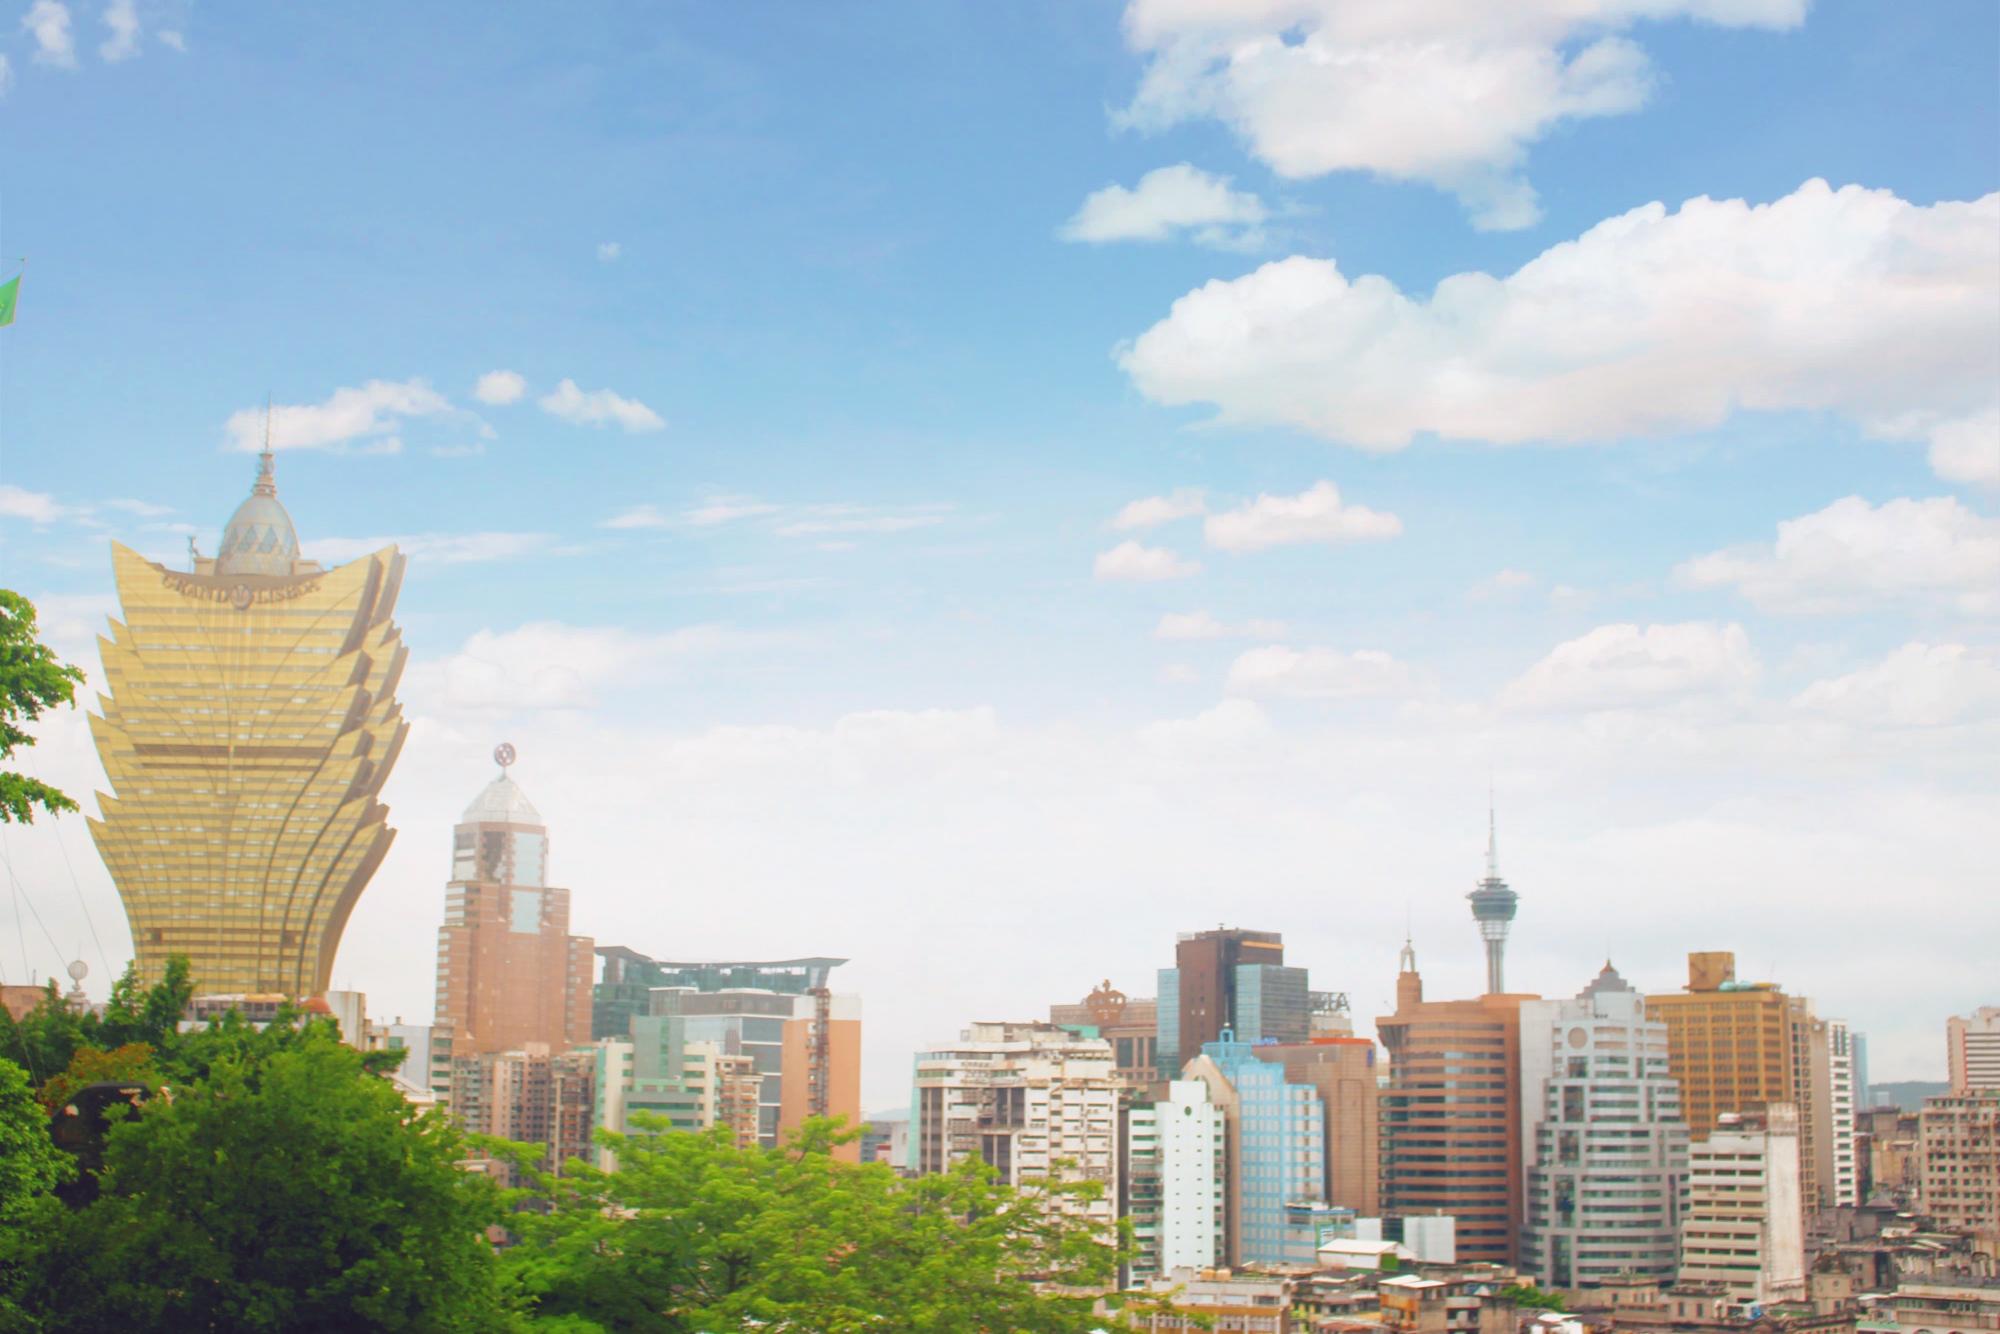 中国最大的赌场,一天盈利10亿,疫情期间入住500元起